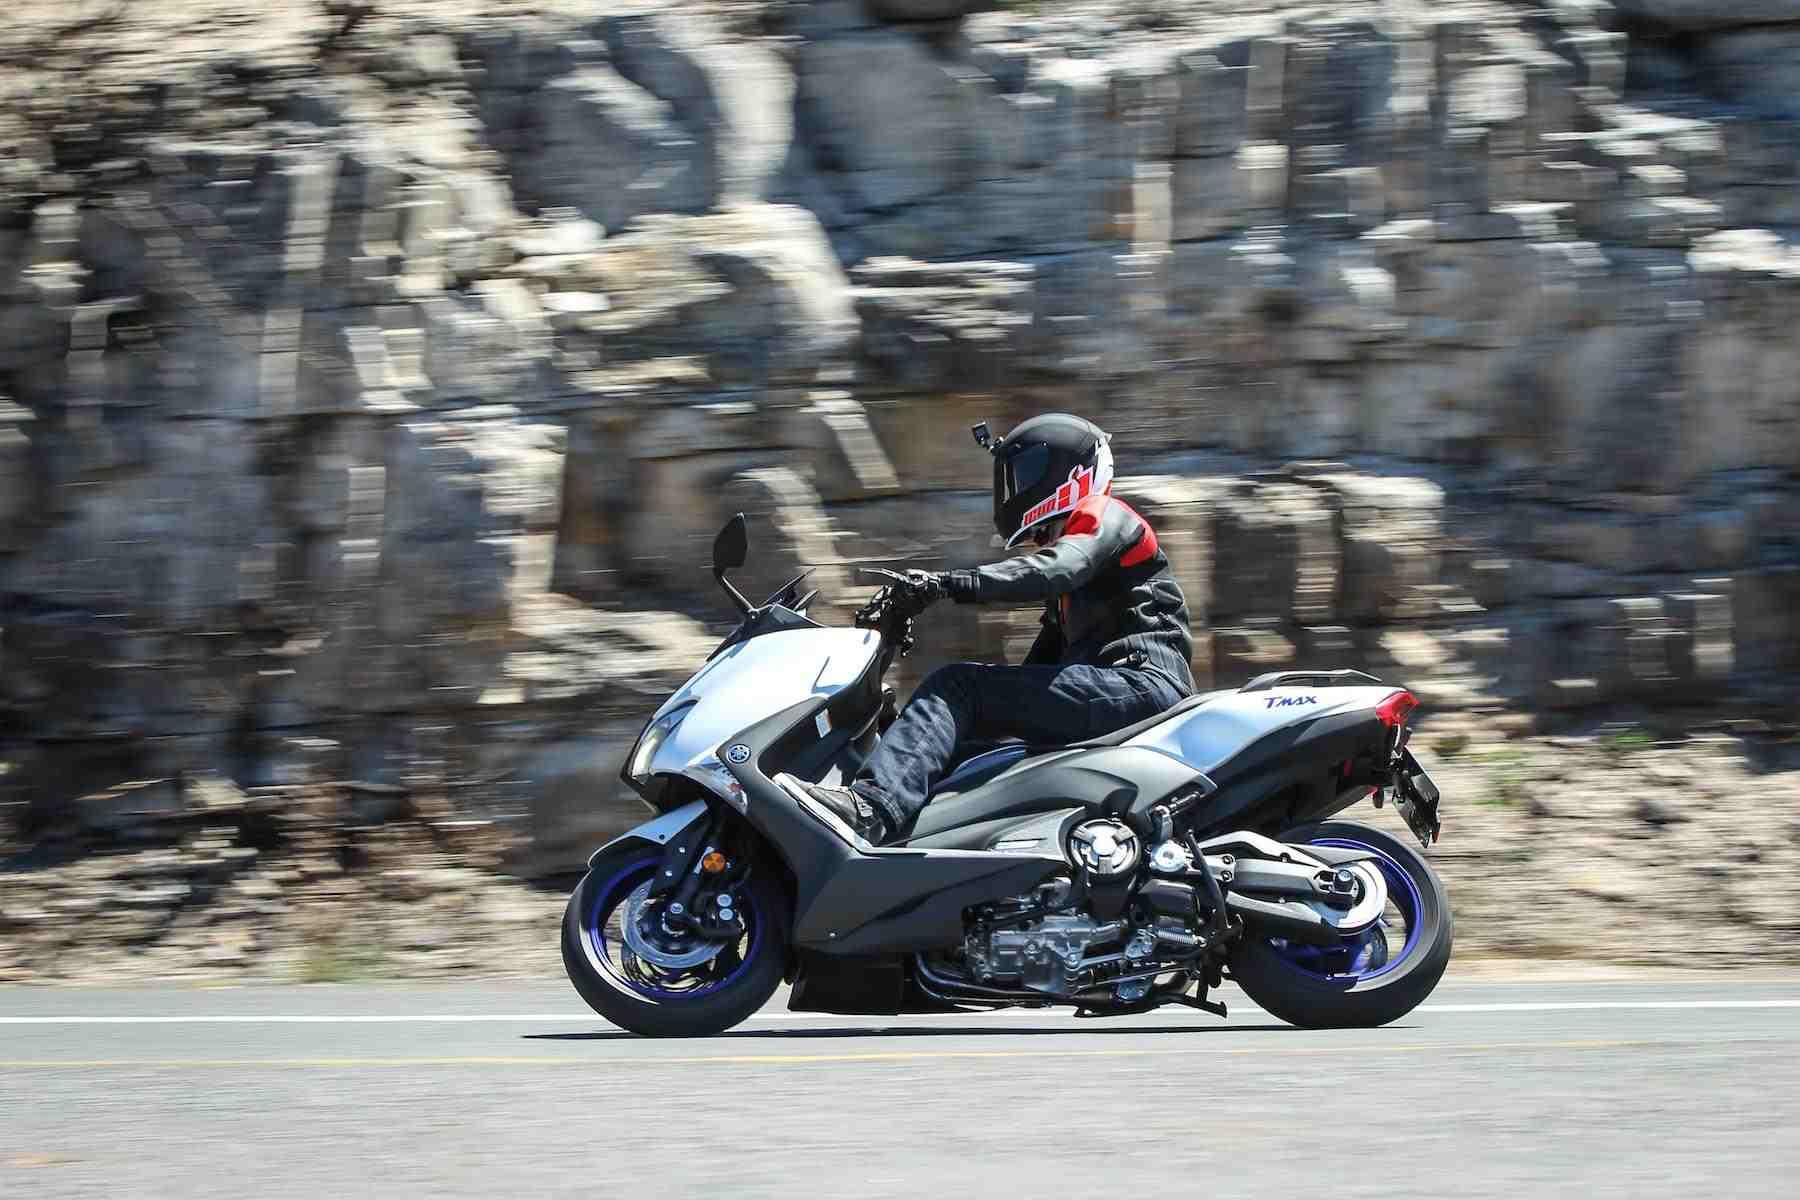 Motorradfahrer schnell unterwegs